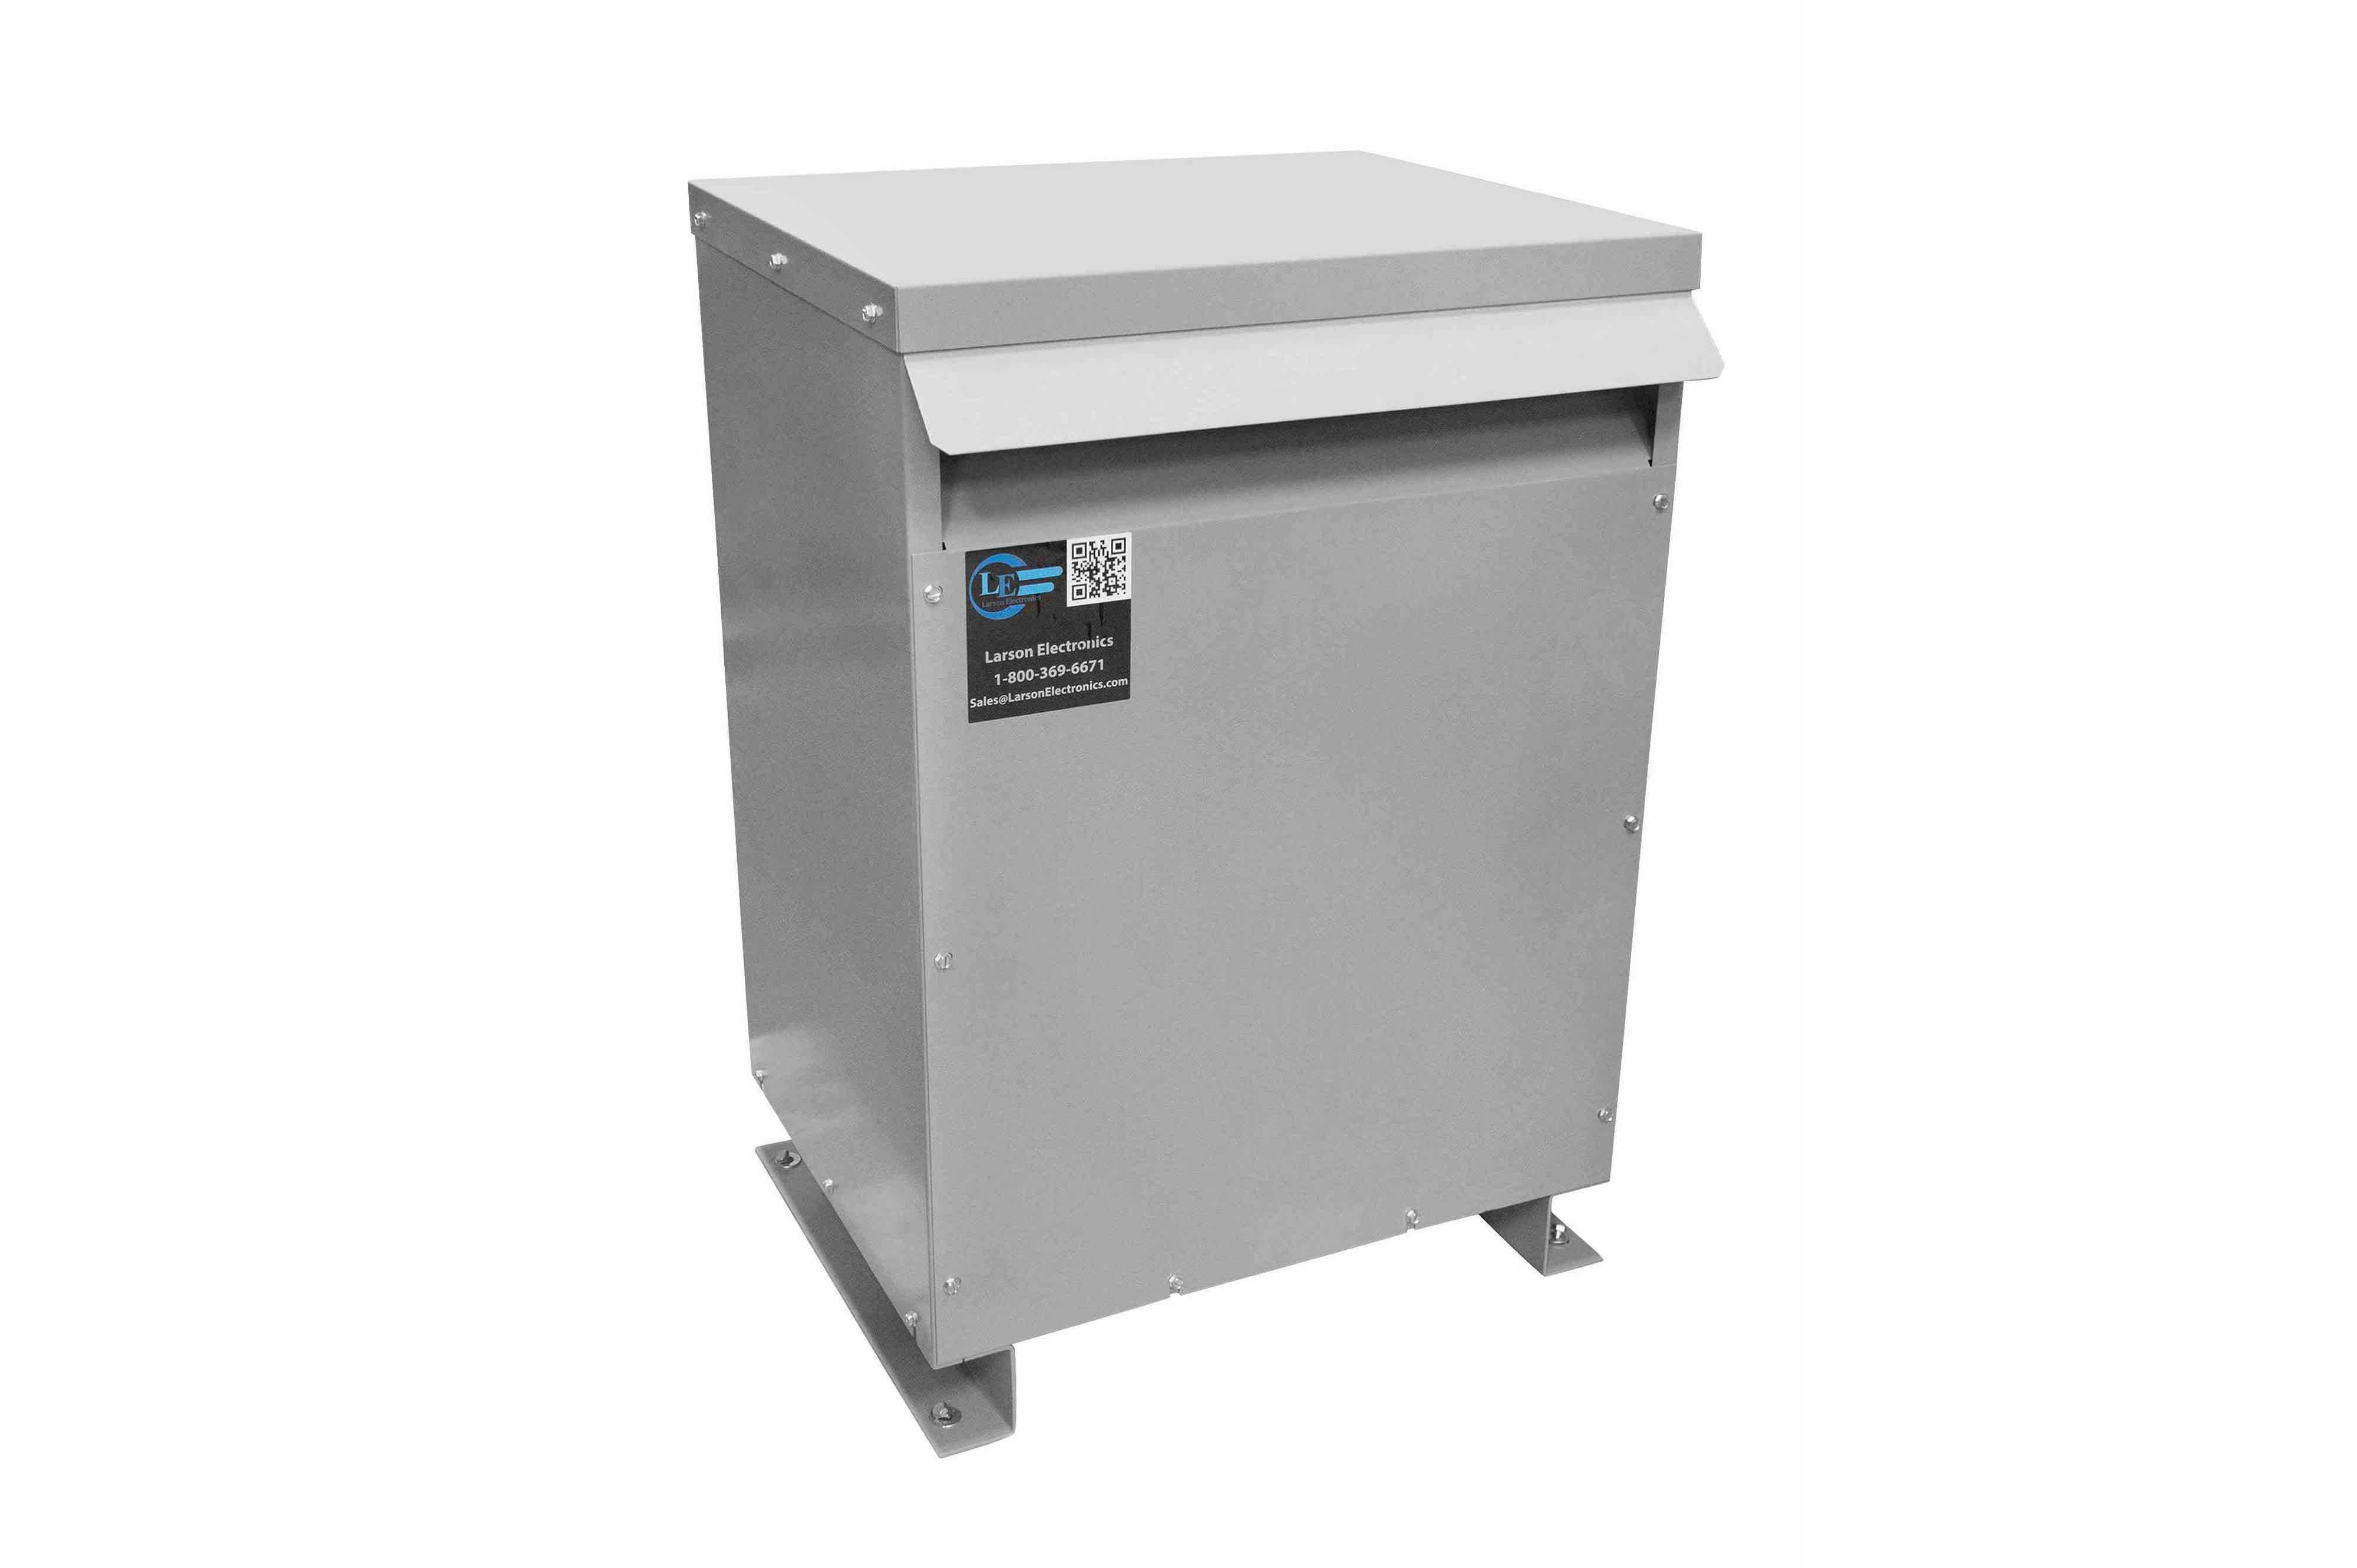 90 kVA 3PH Isolation Transformer, 240V Delta Primary, 380V Delta Secondary, N3R, Ventilated, 60 Hz